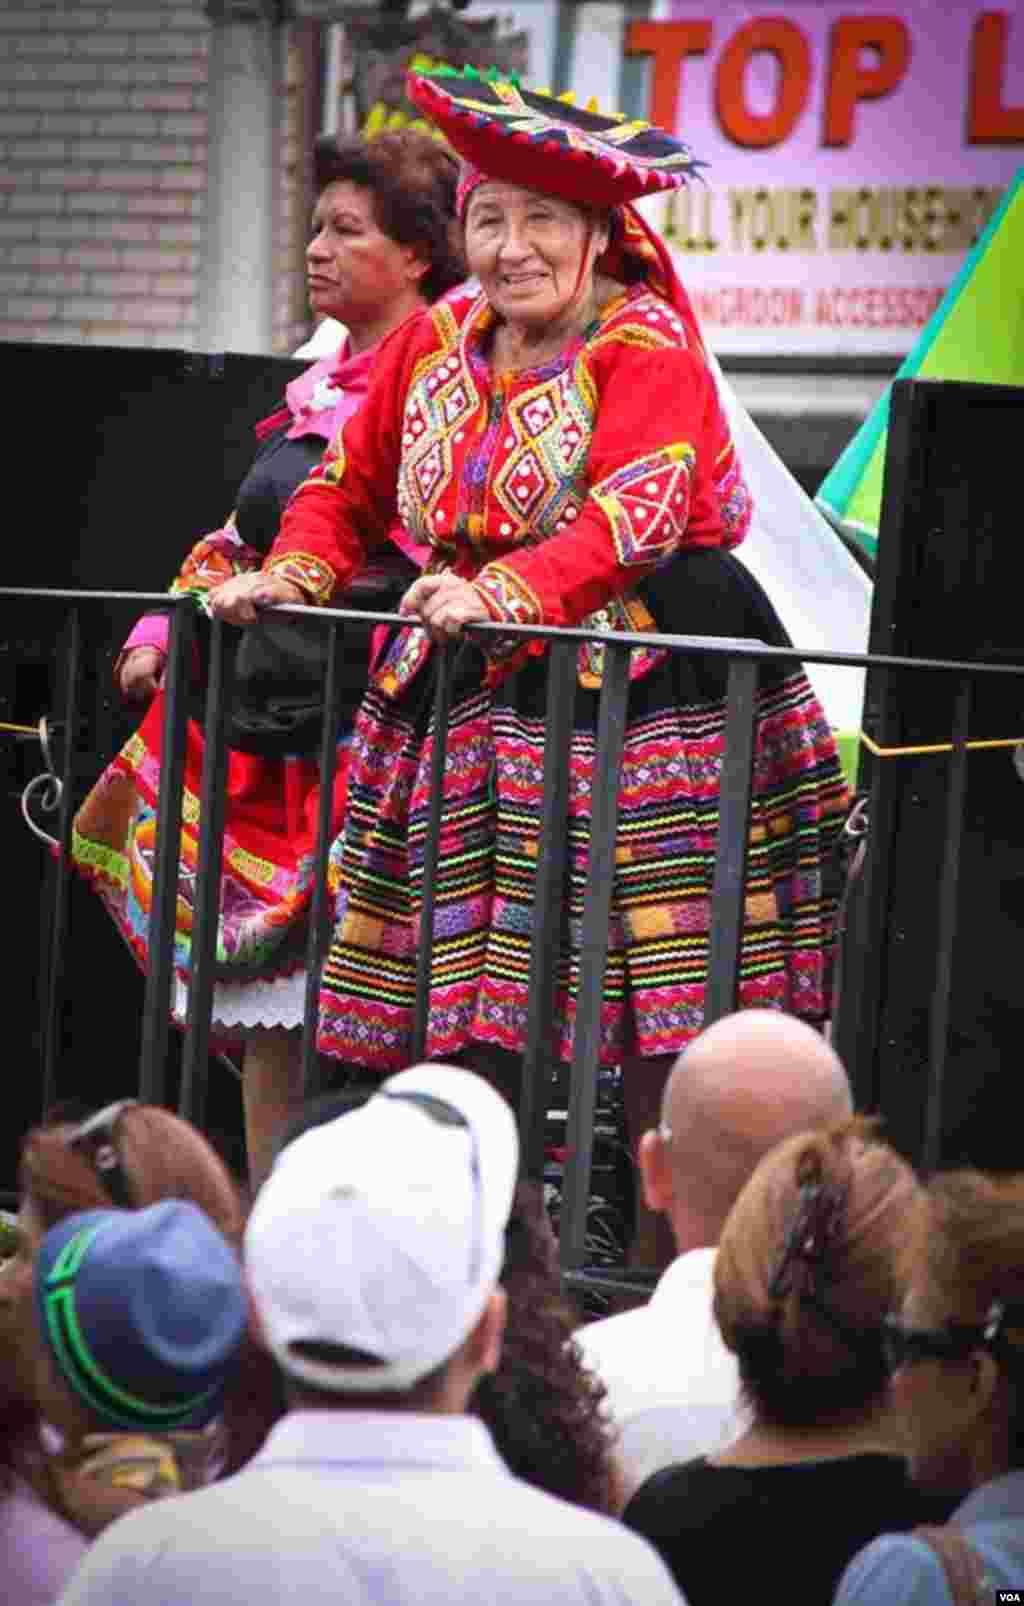 La celebración del día de la Independencia del Perú se celebró en las calles de Nueva Jersey y Arlington, en Virginia.